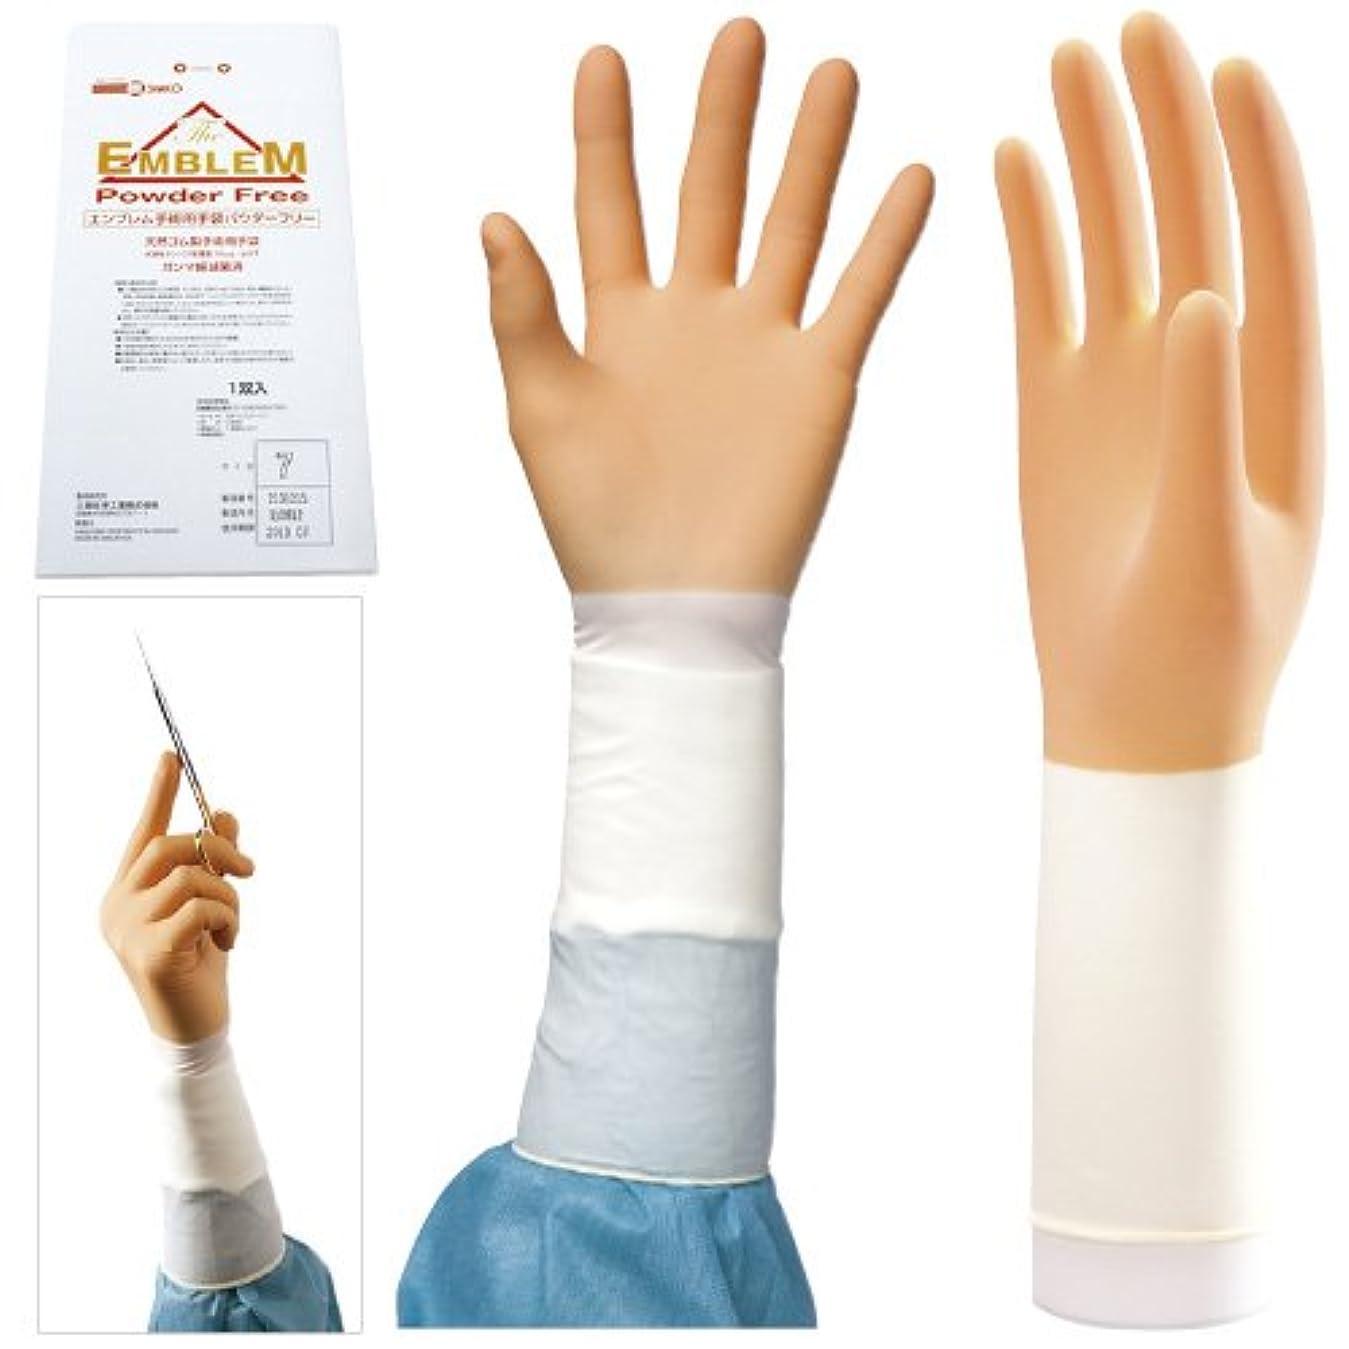 たらい器具エミュレーションエンブレム手術用手袋 パウダーフリー NEW(20双入) 5.5